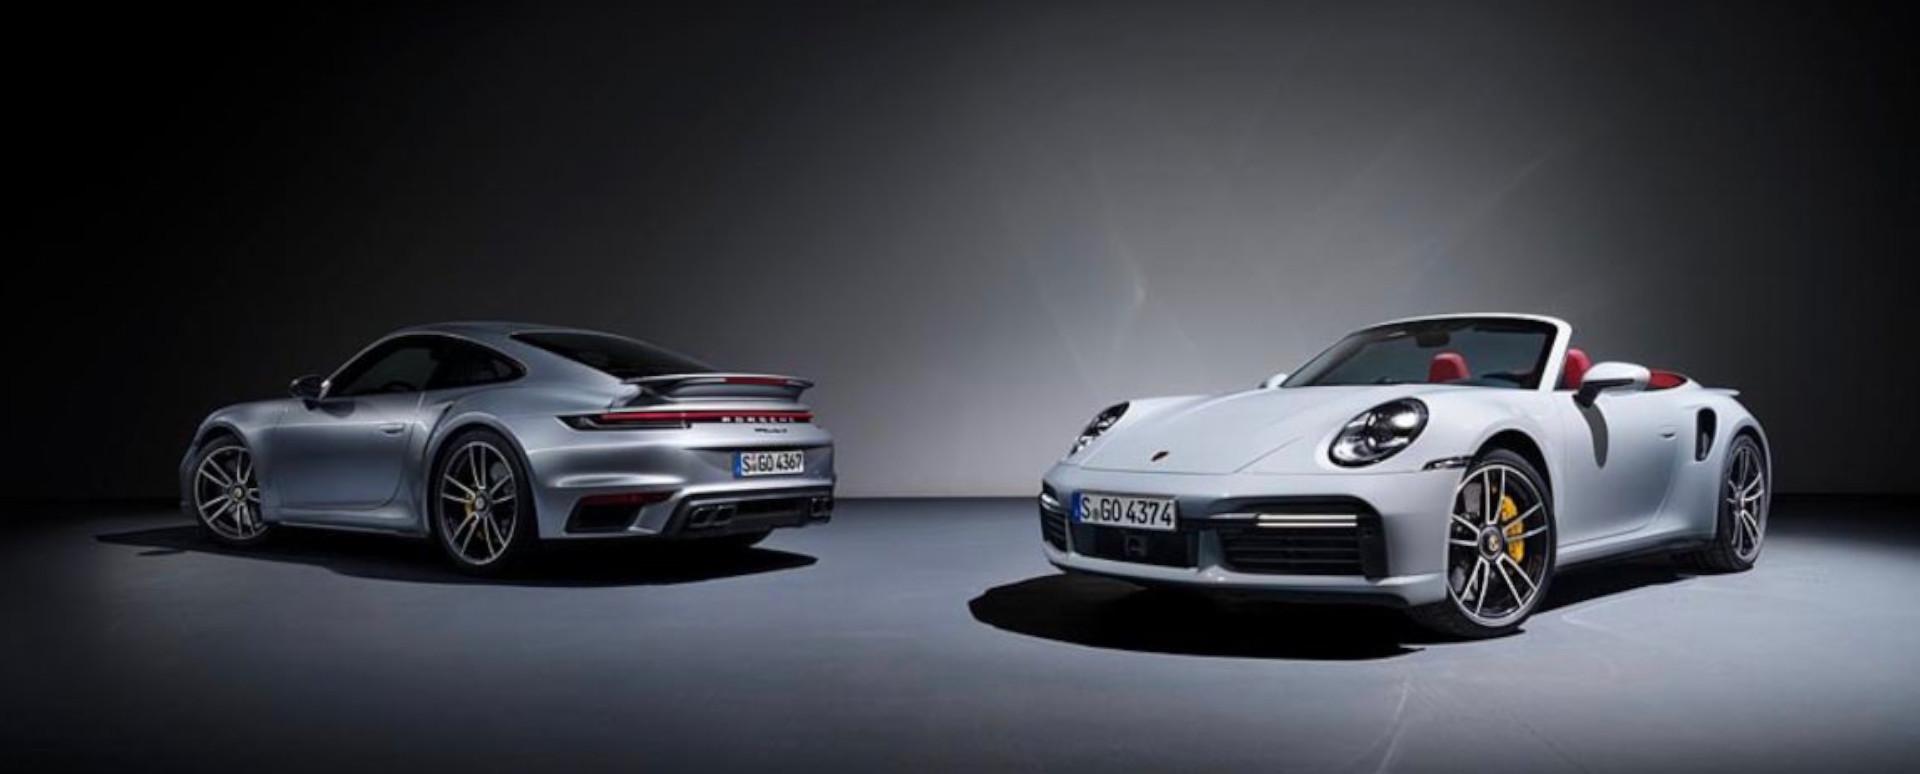 Porsche 911 Pair Large